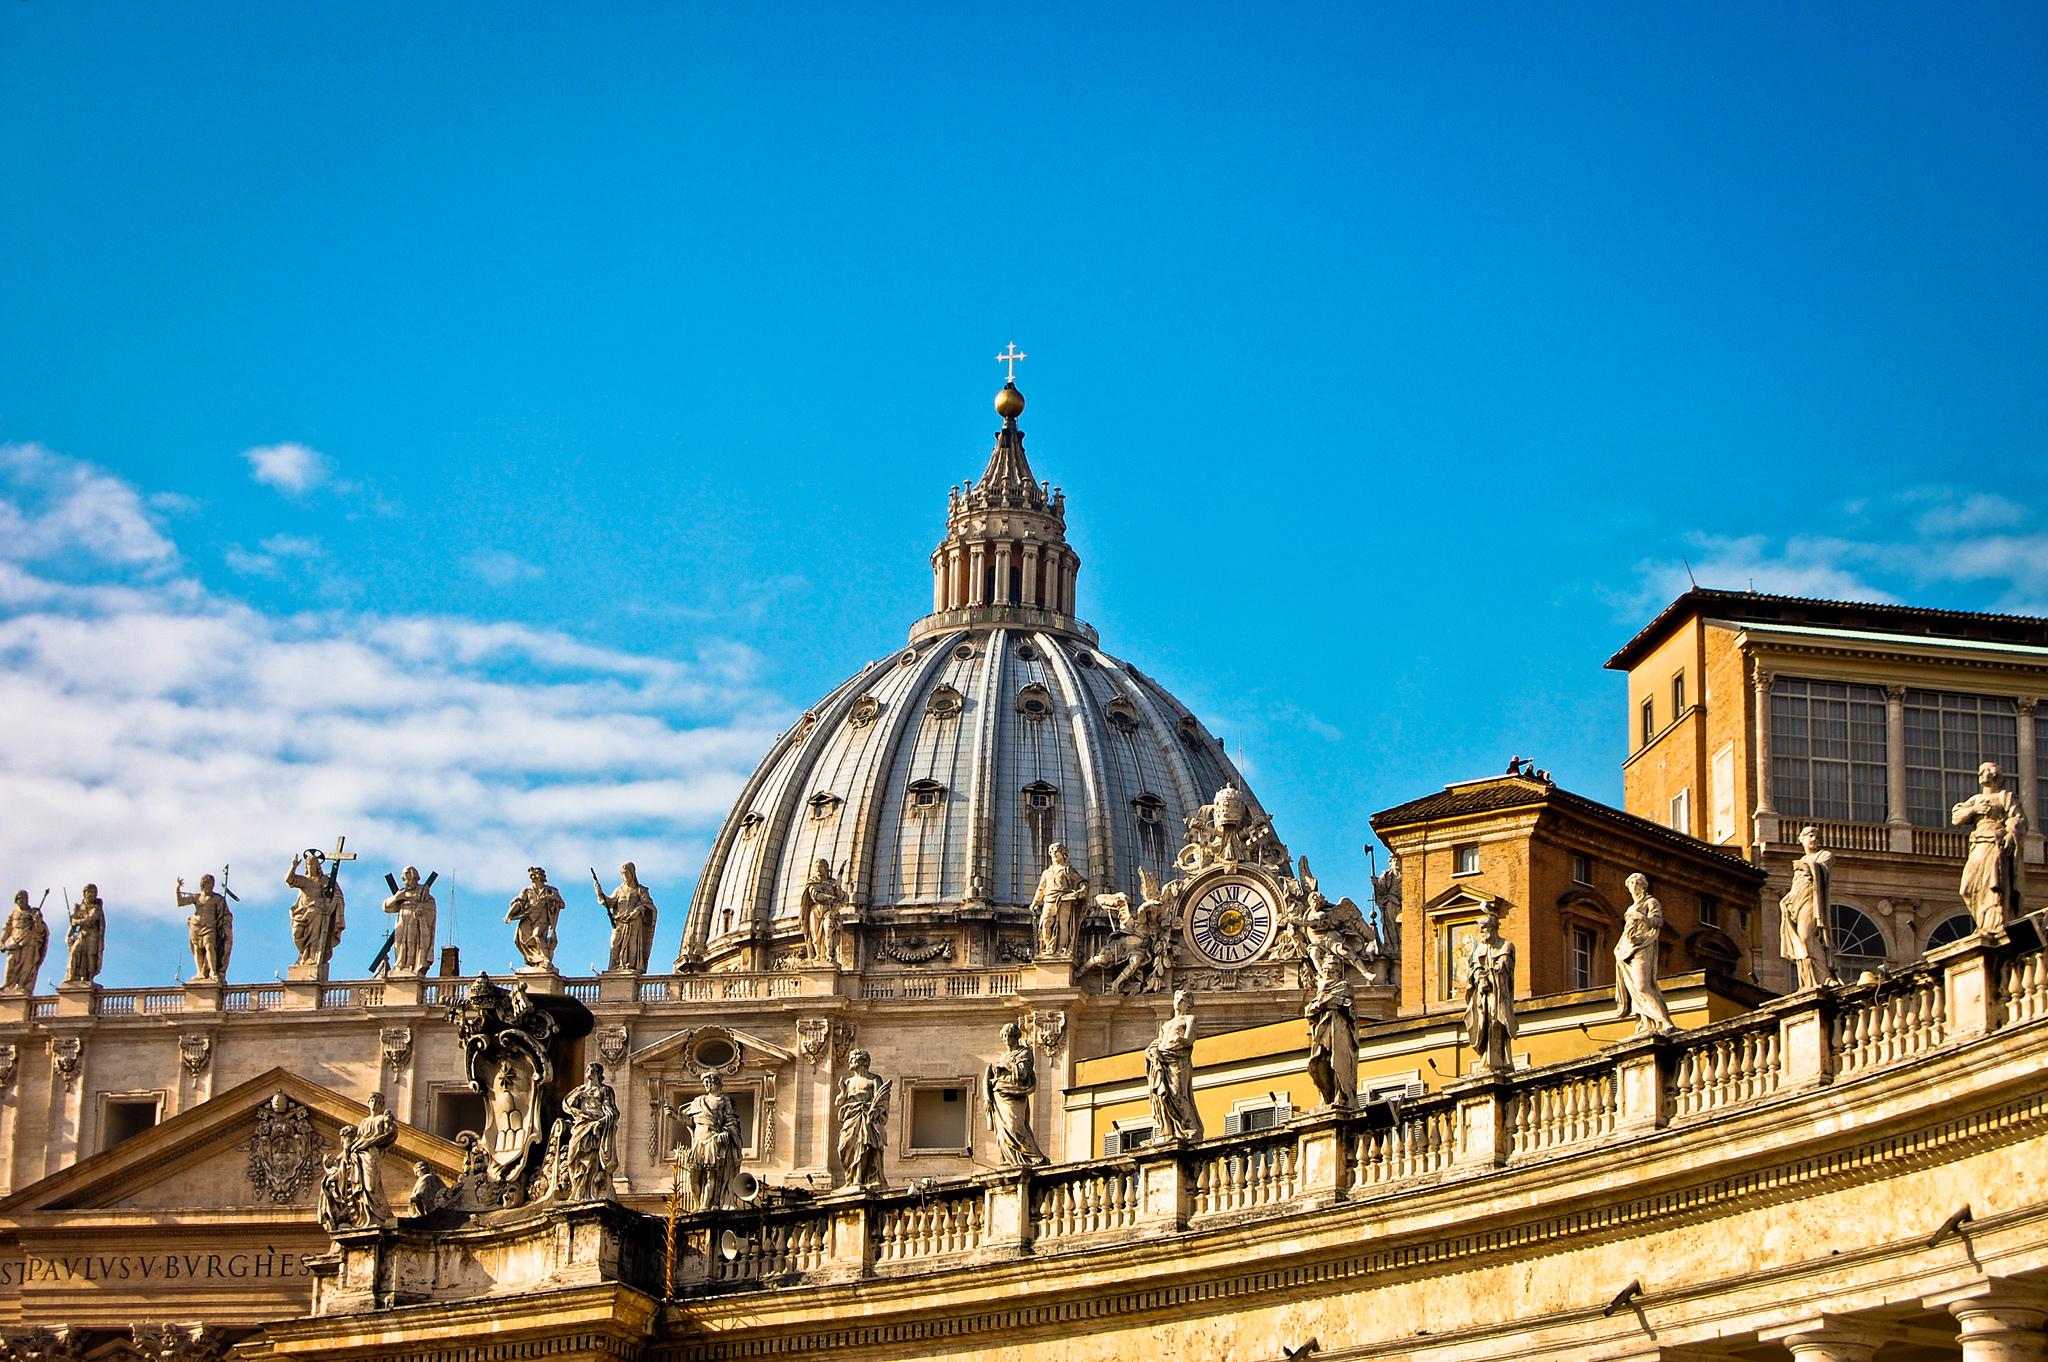 Tripadvisor luoghi storici pi belli in europa nel 2015 for I pavimenti piu belli